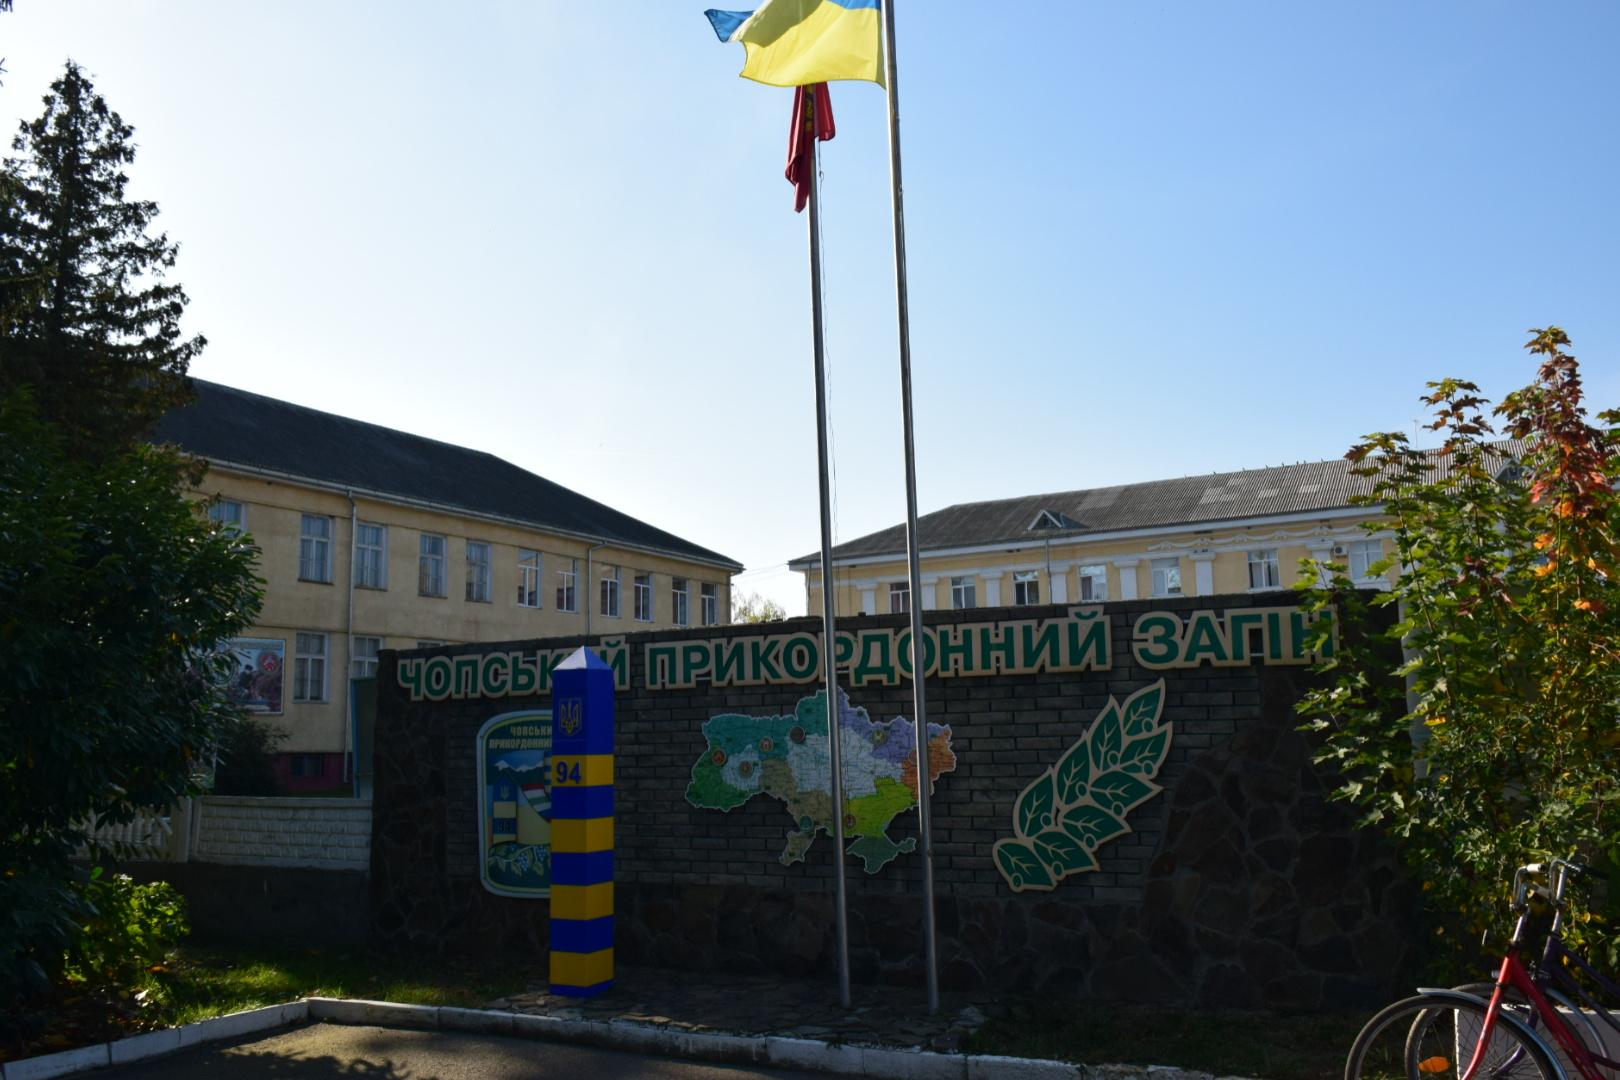 Учора у Закарпатській області після отримання вогнепального поранення помер прикордонник відділу прикордонної служби «Соломоново» Чопського загону.